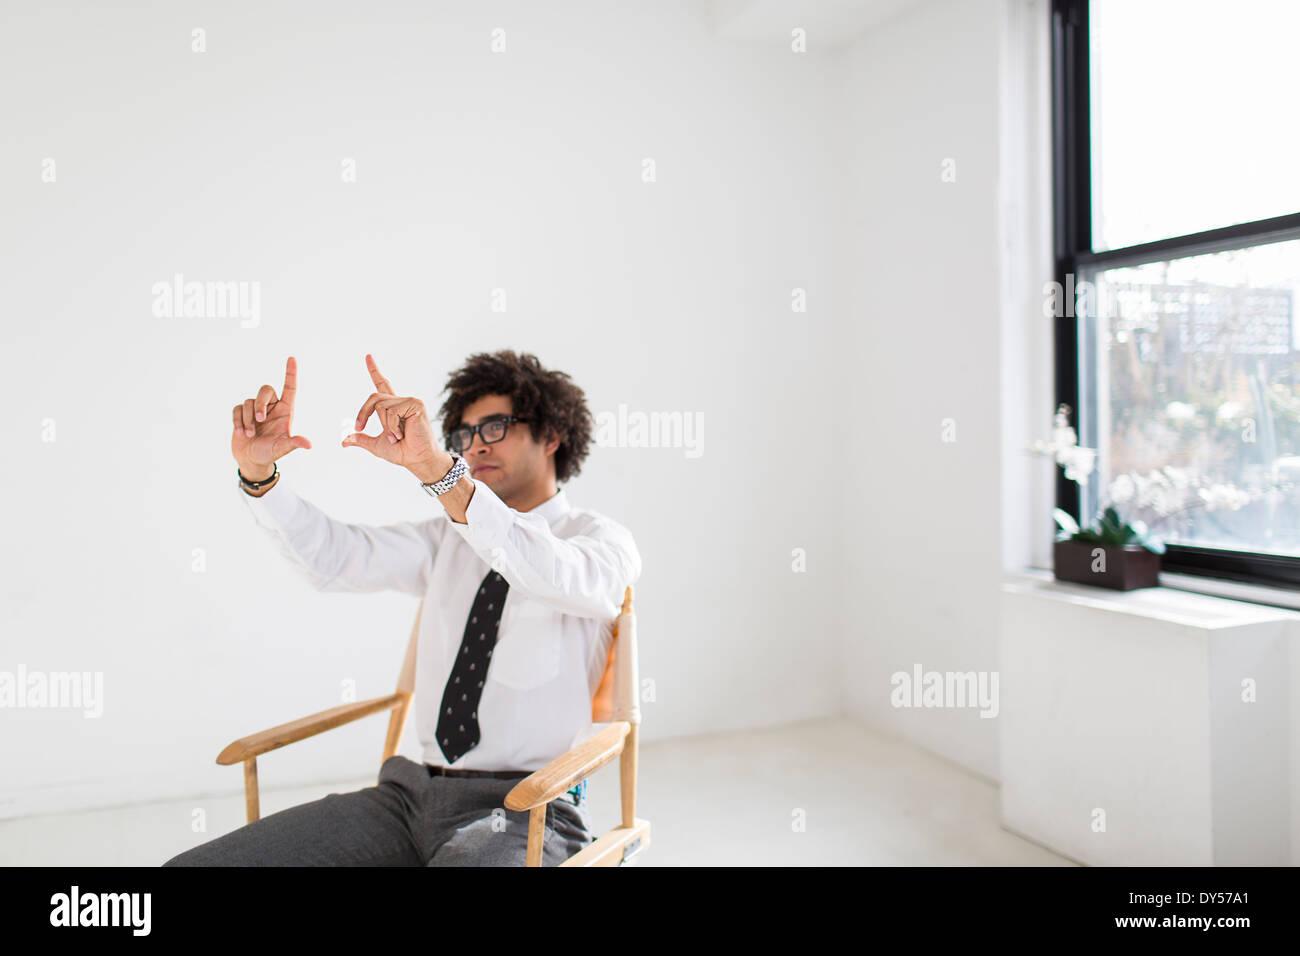 Hombre joven sentado en una silla haciendo dedo frame Imagen De Stock